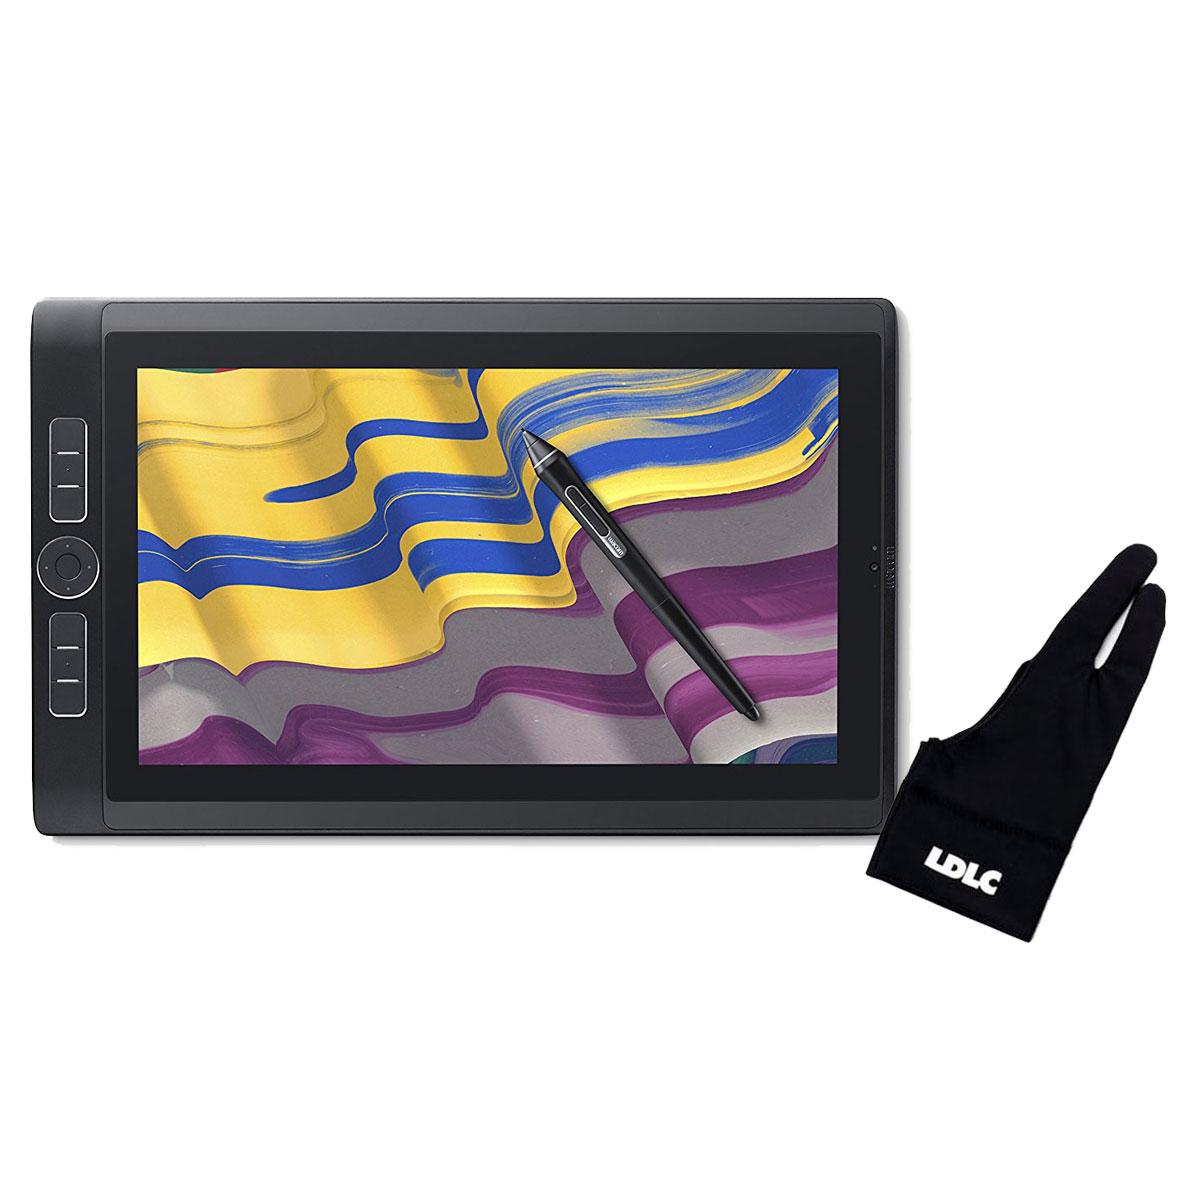 wacom mobilestudio pro 13 512 go ldlc artist x3 s m l tablette graphique wacom sur. Black Bedroom Furniture Sets. Home Design Ideas